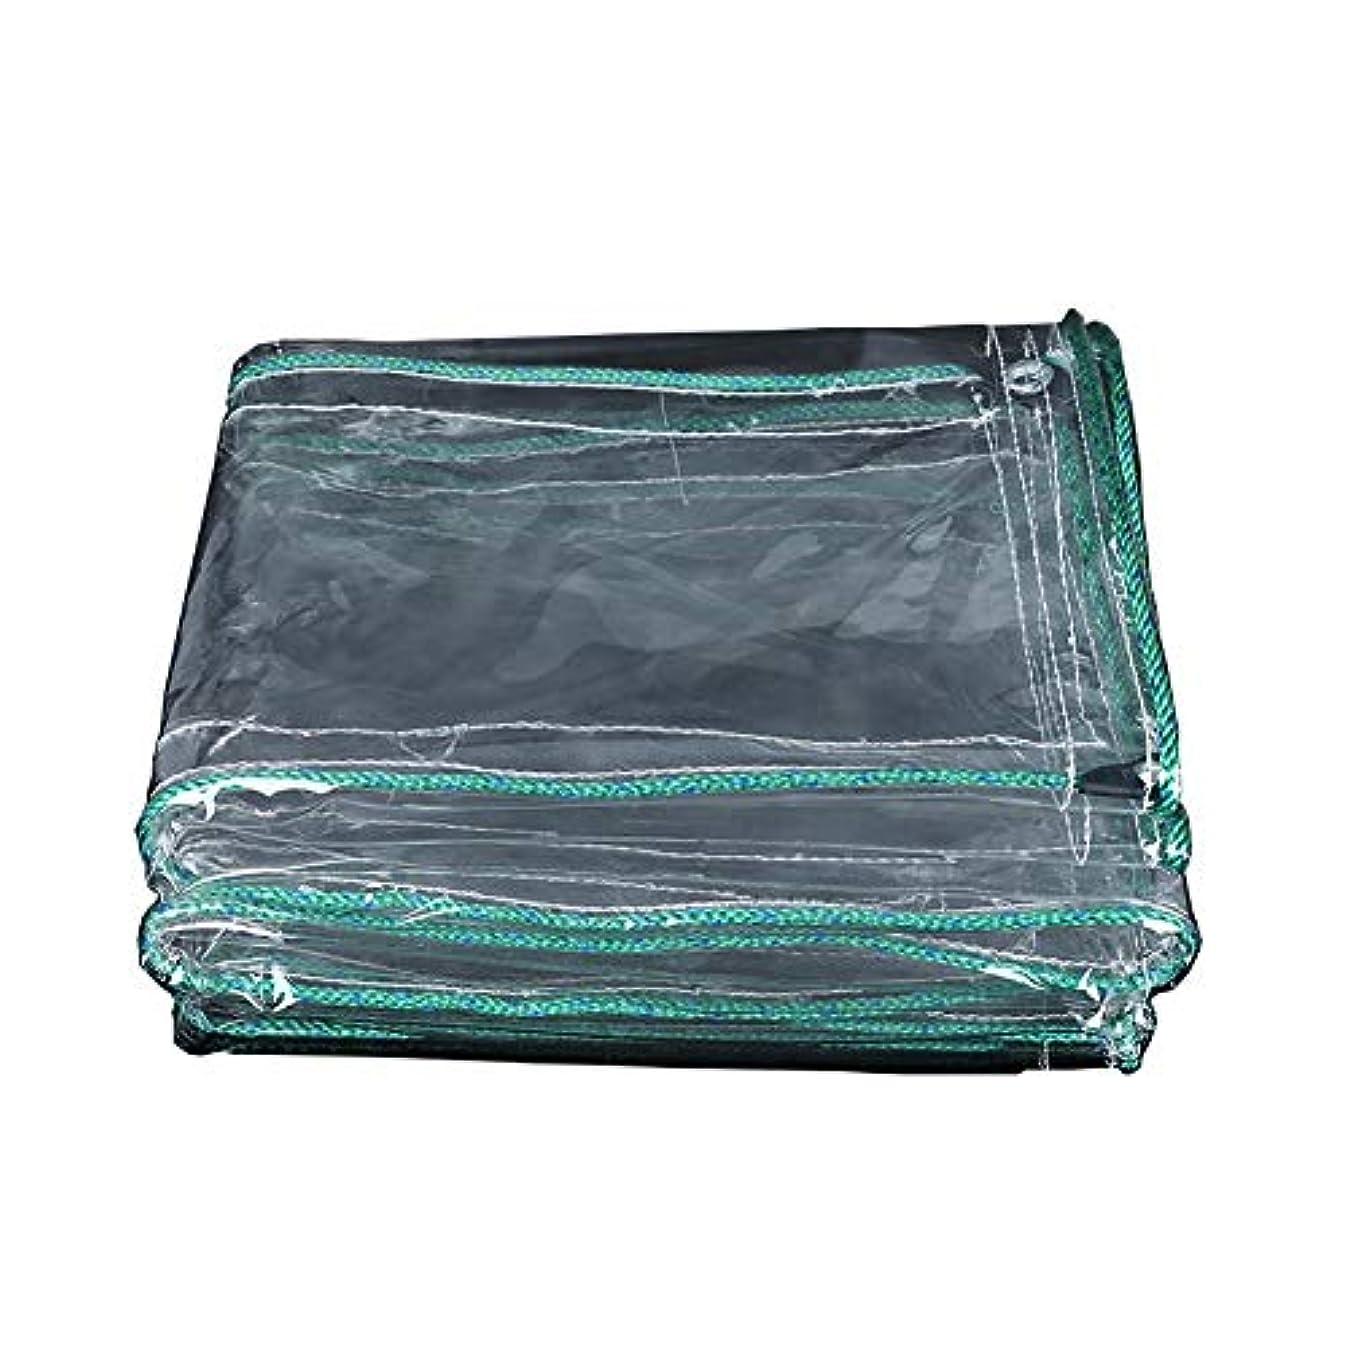 マトリックスタイル怒ってSHYPwM 防水布、防水シート透明キャンバス防水シート透明バルコニーレインカーテン日焼け止め布pvc肥厚プラスチック布 (サイズ さいず : 1.4×5M)